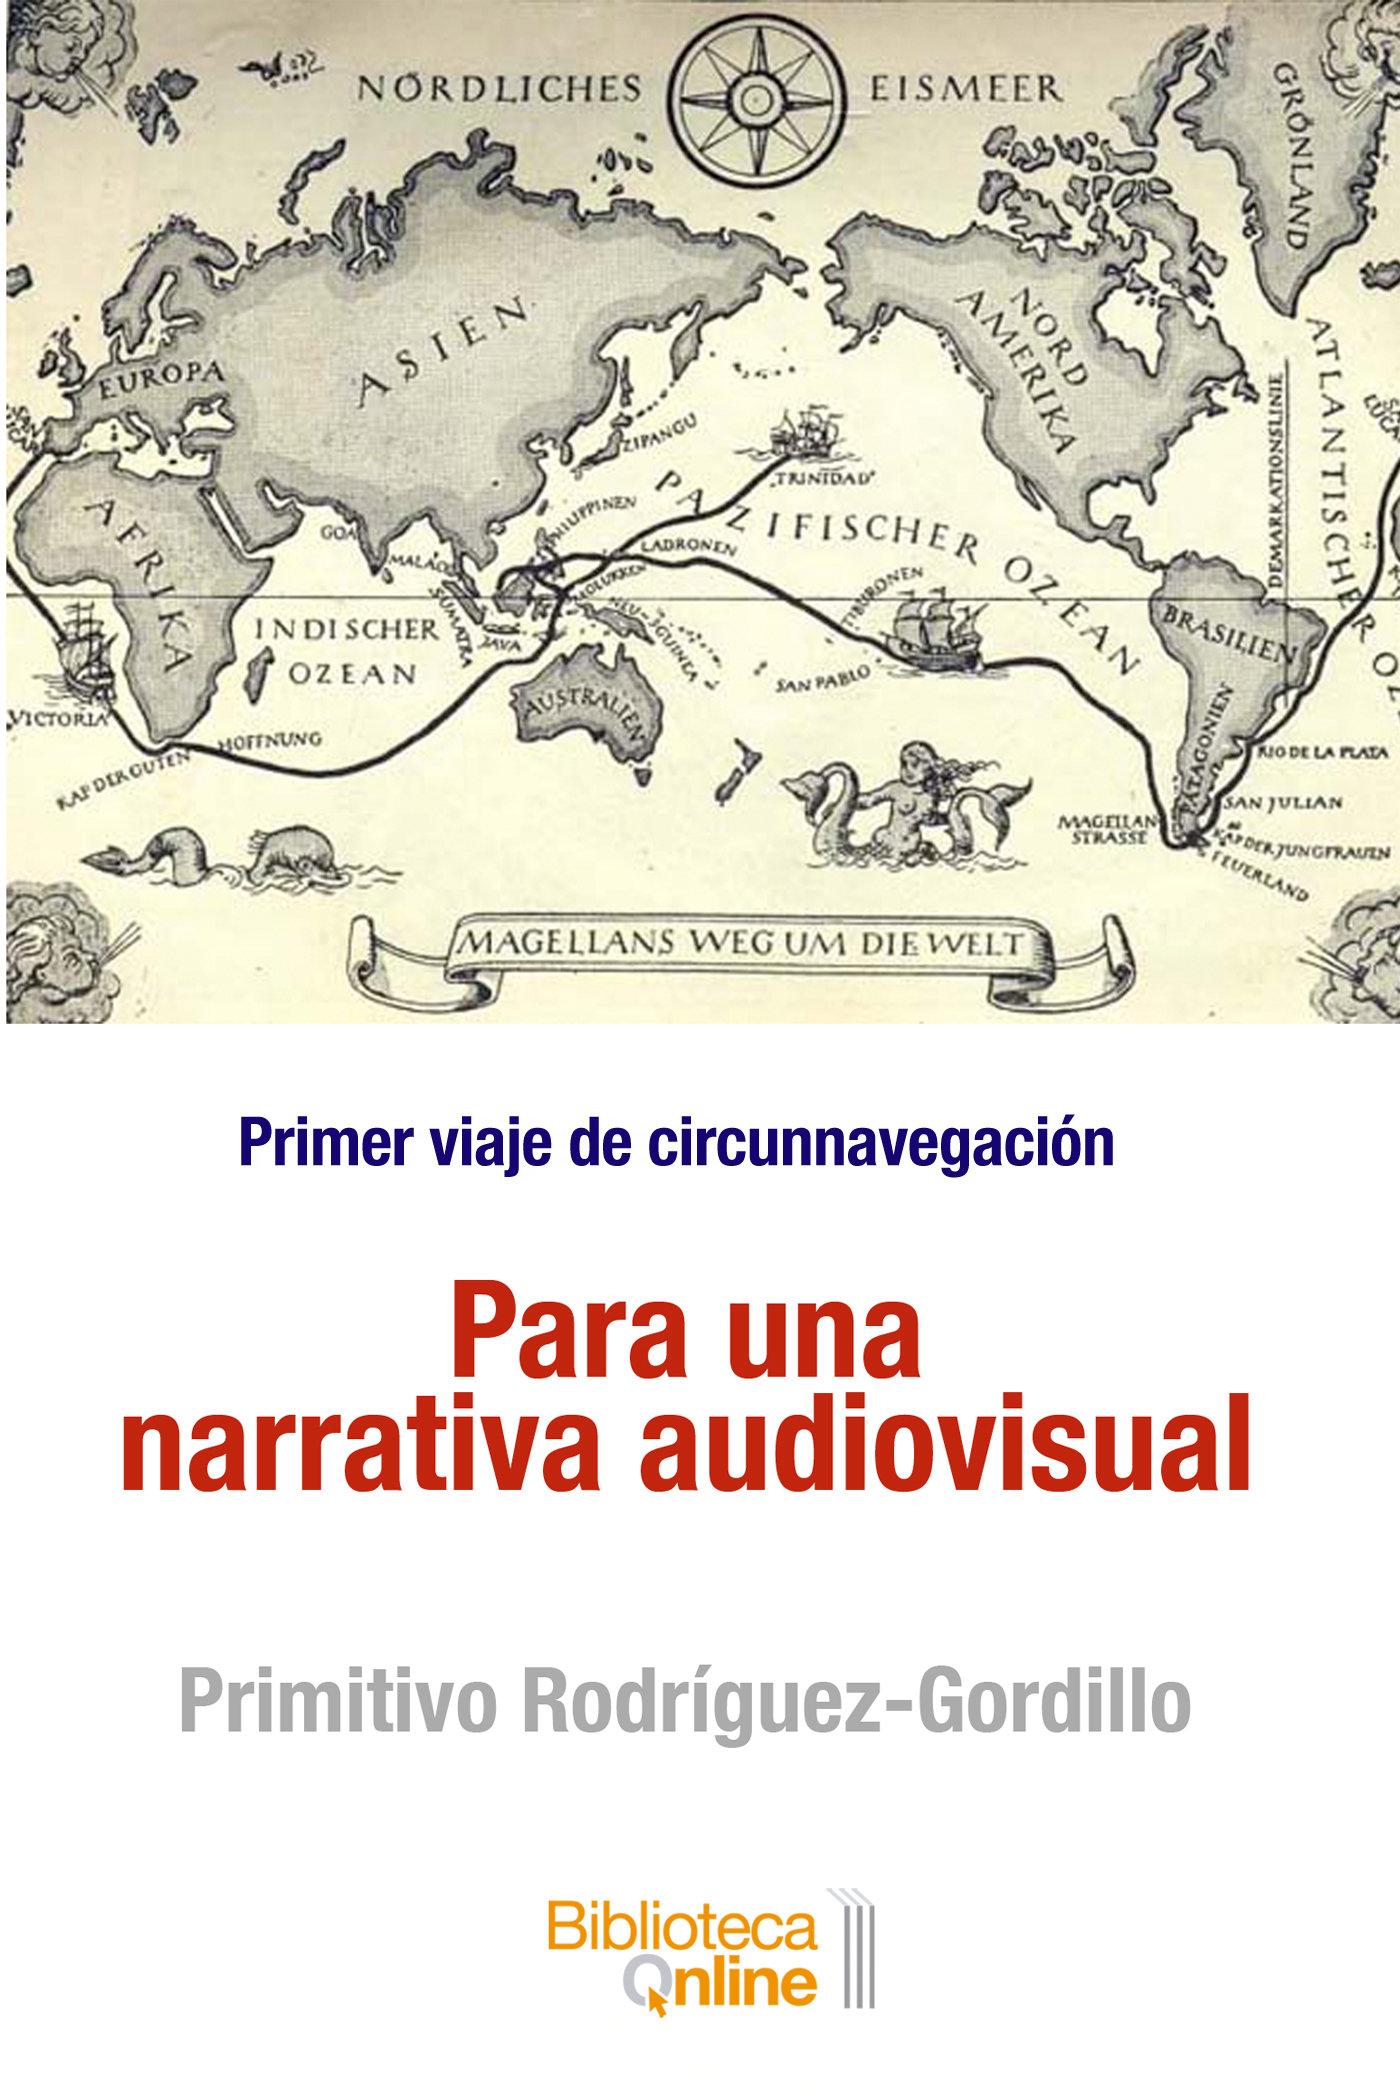 Para una narrativa audiovisual. Primer viaje de circunnavegación PUNA-PRG